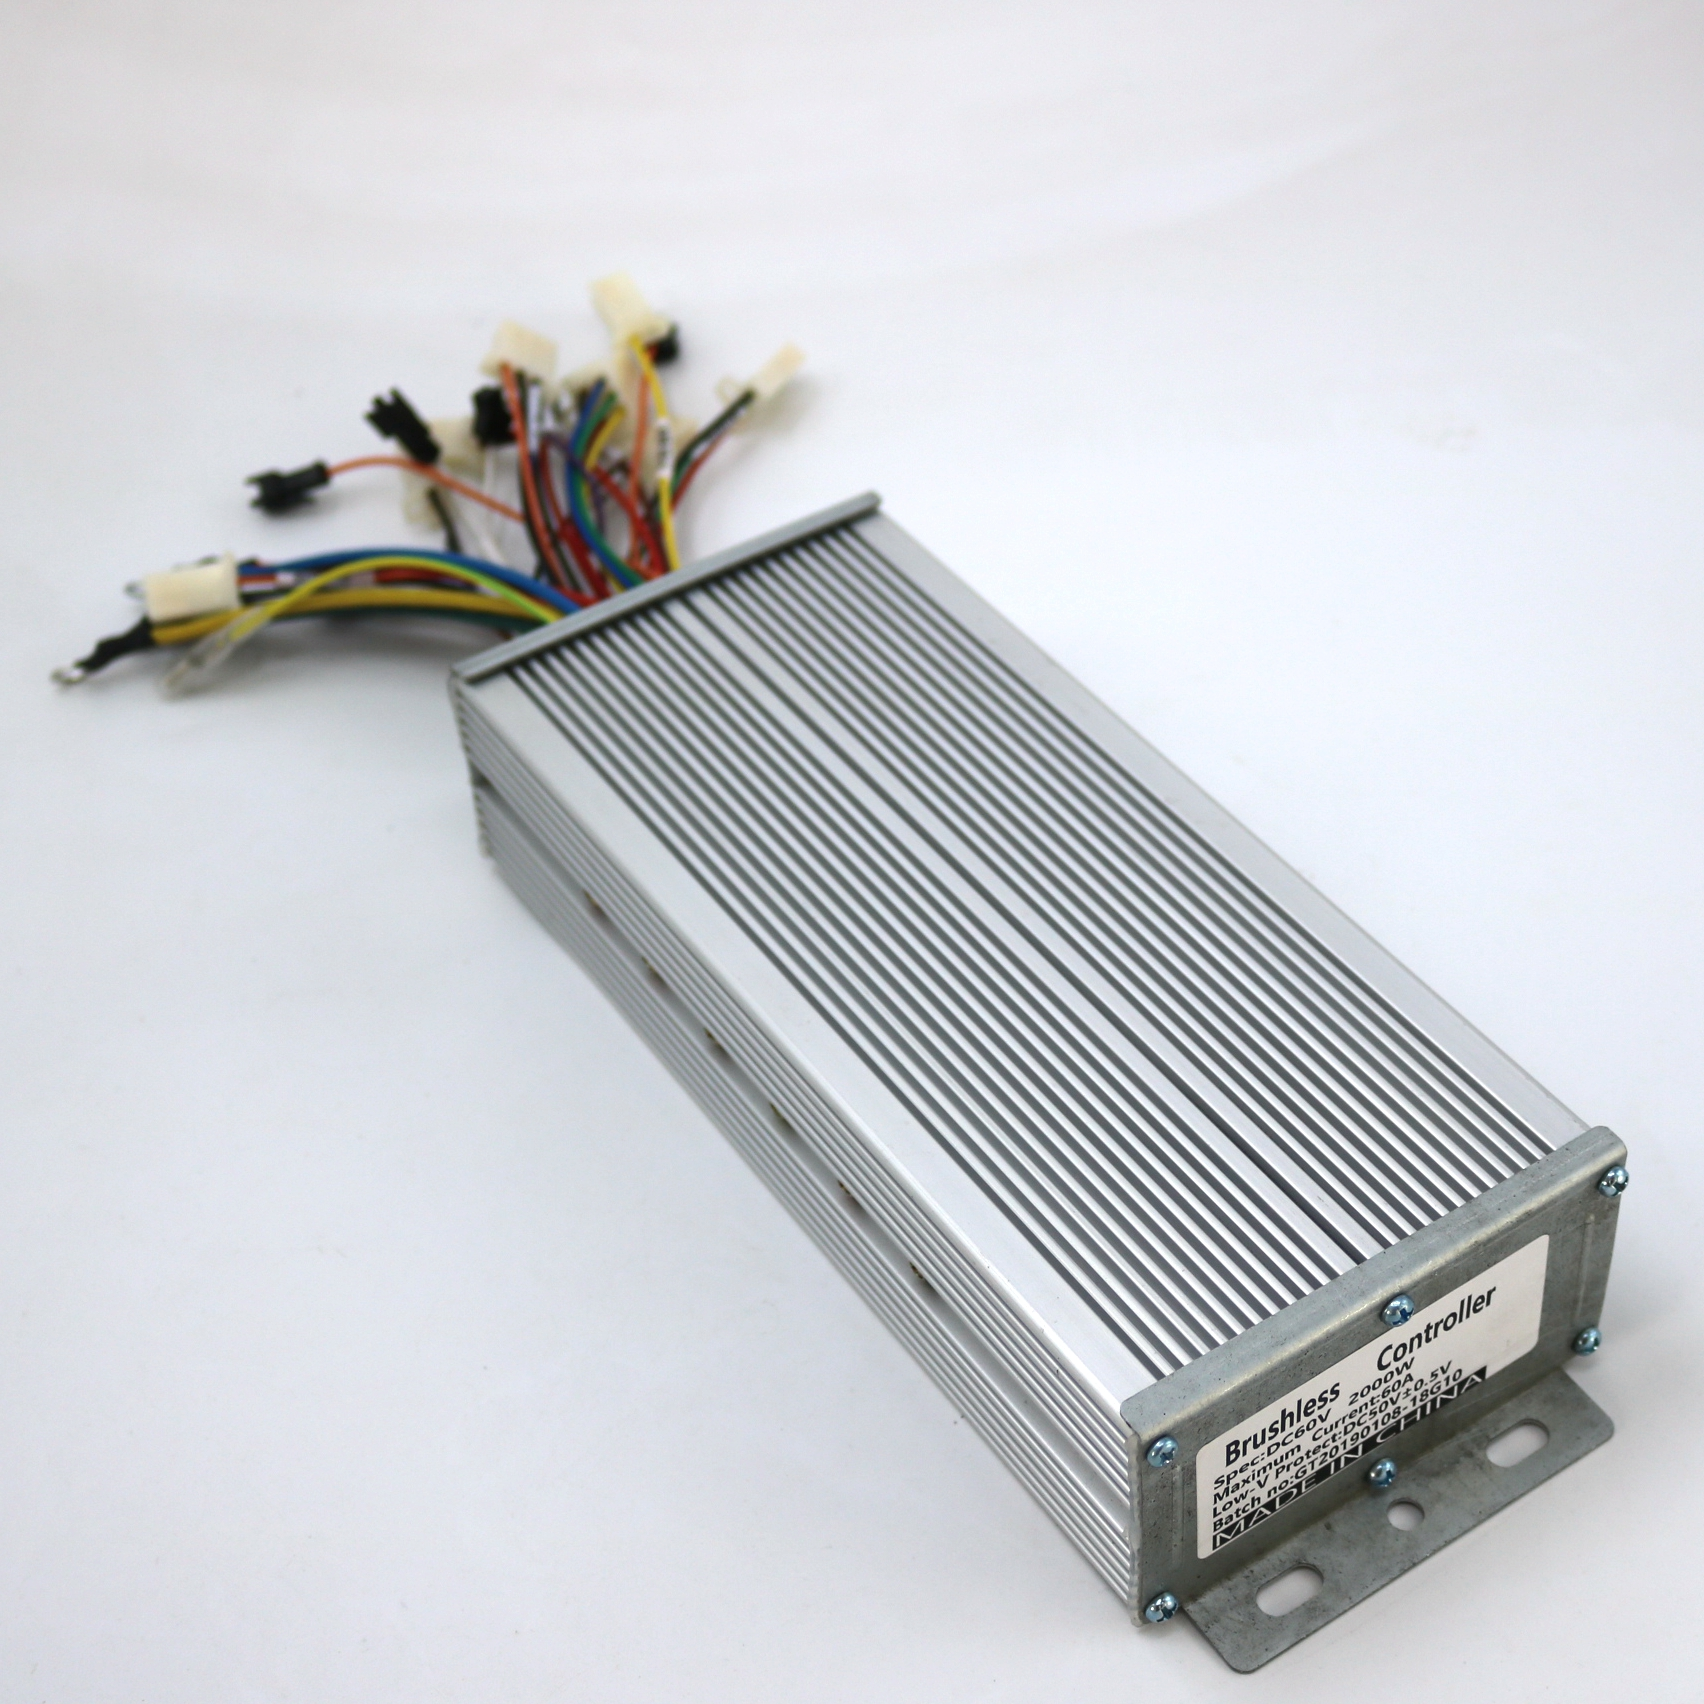 GREENTIME Sensor/Sensorless 48V-72V 2000W 60Amax BLDC Motor Controller E-bike Brushless Speed Controller